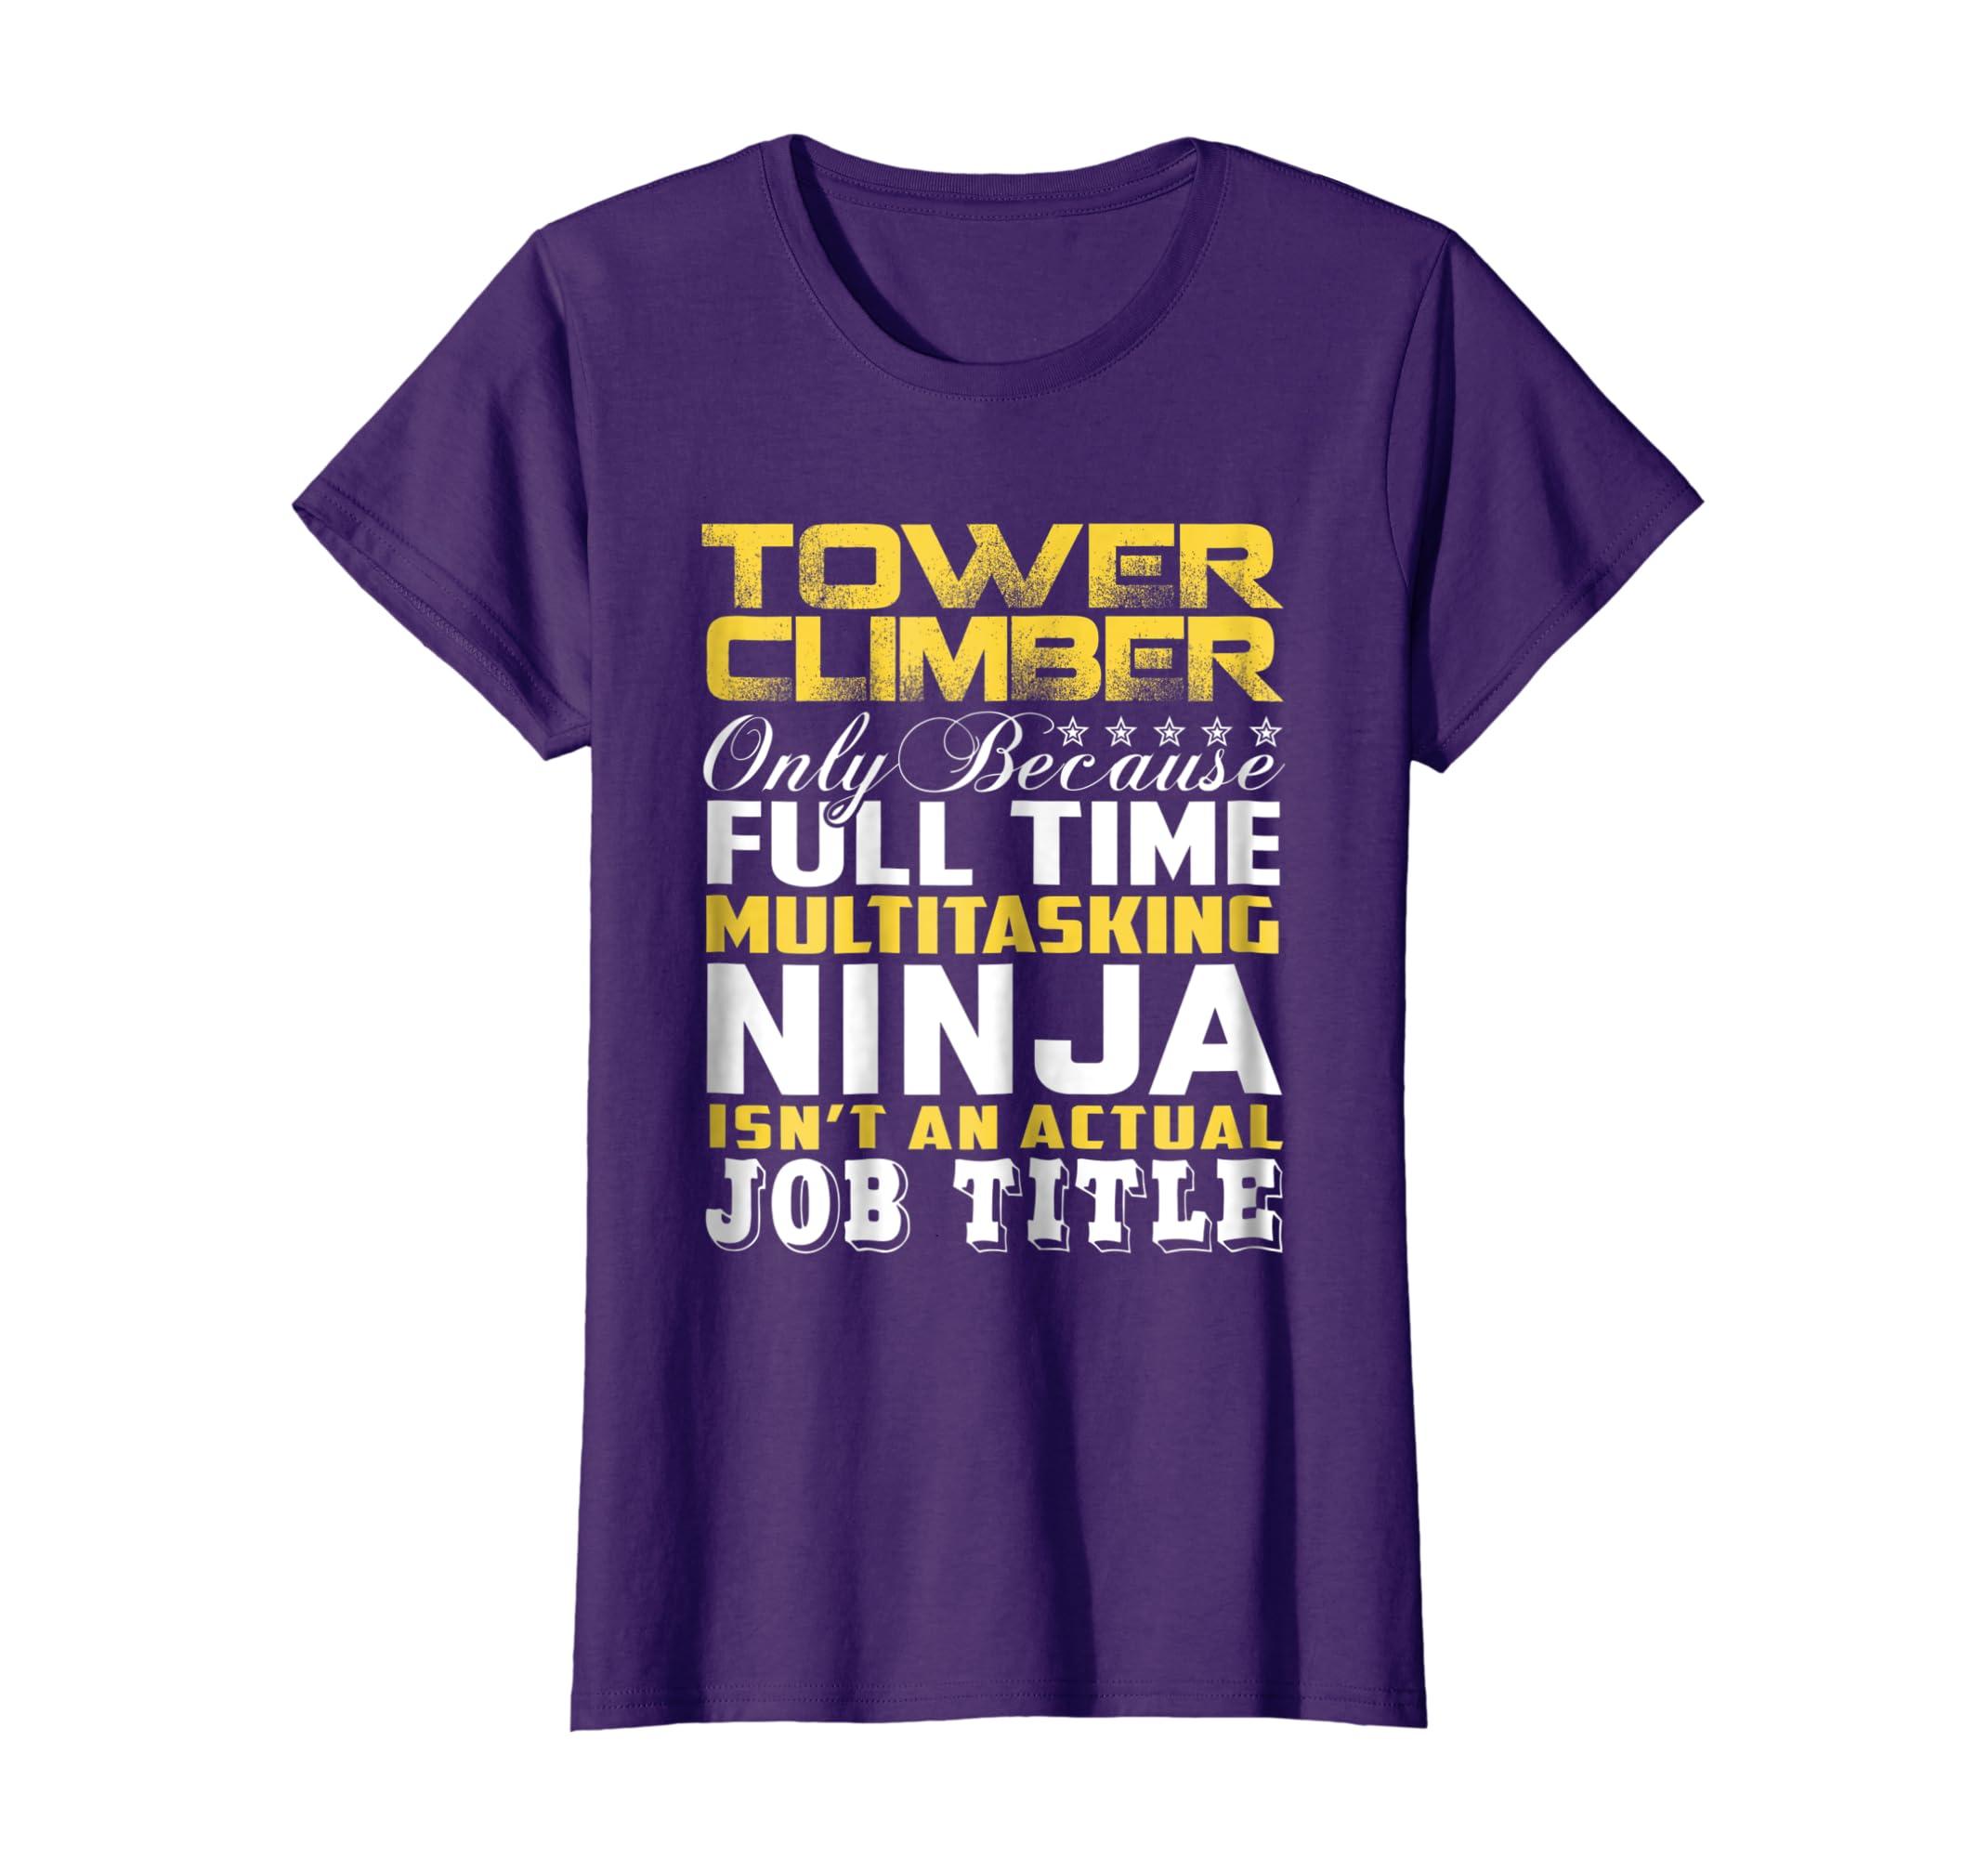 Tower Climber Ninja Isnt An Actual Job Title T-Shirt